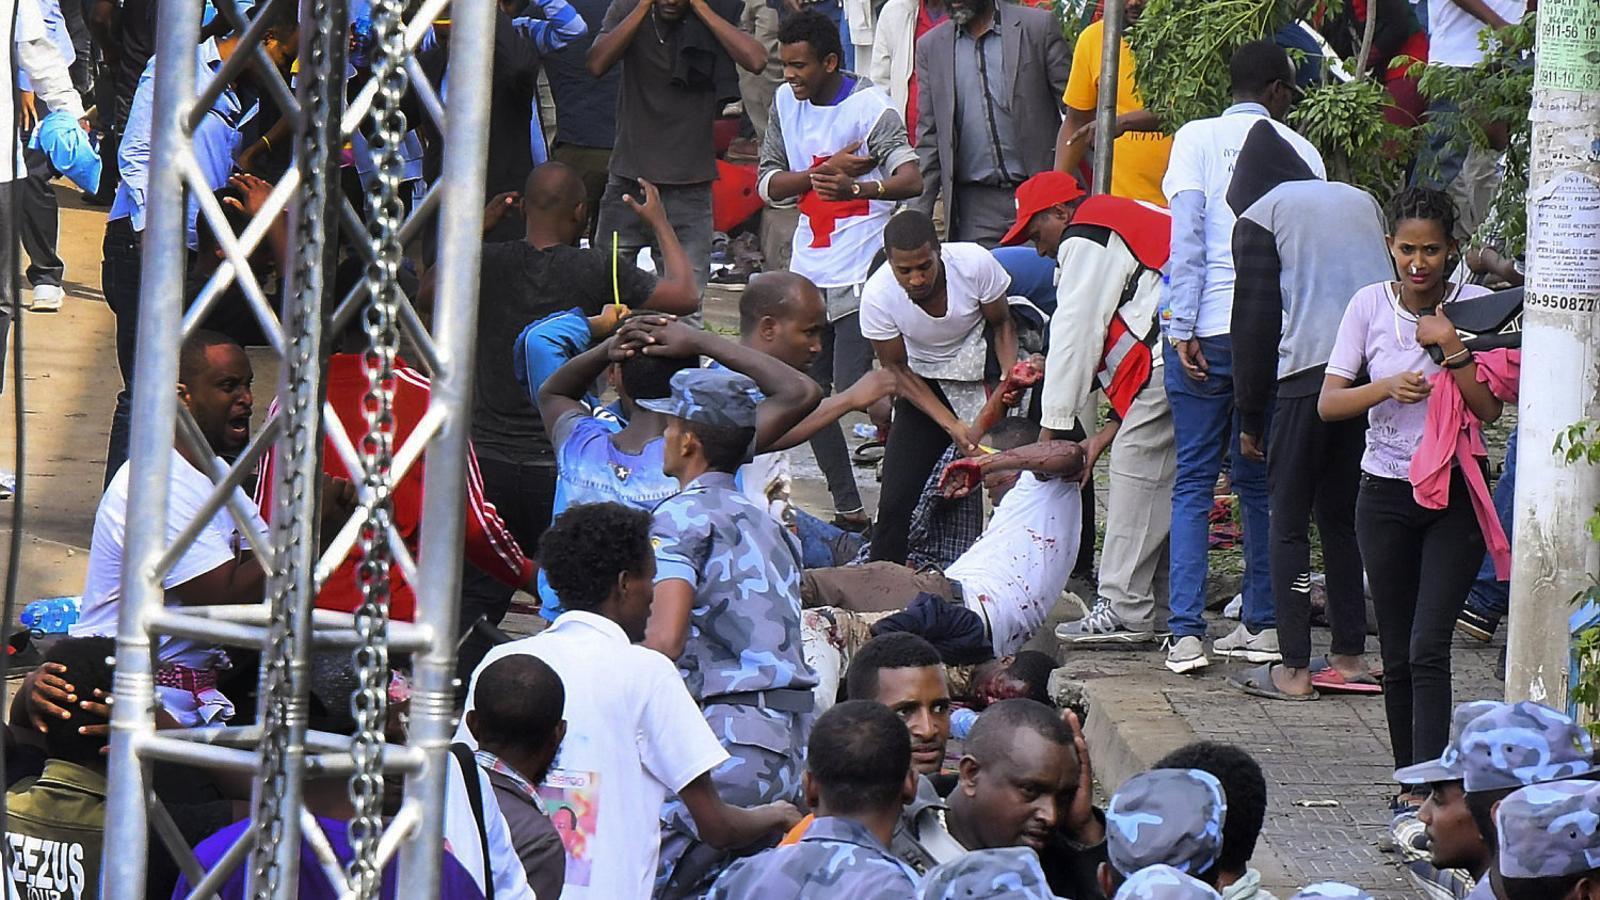 Diverses persones ajudant un ferit ahir en l'atac a Addis Abeba.